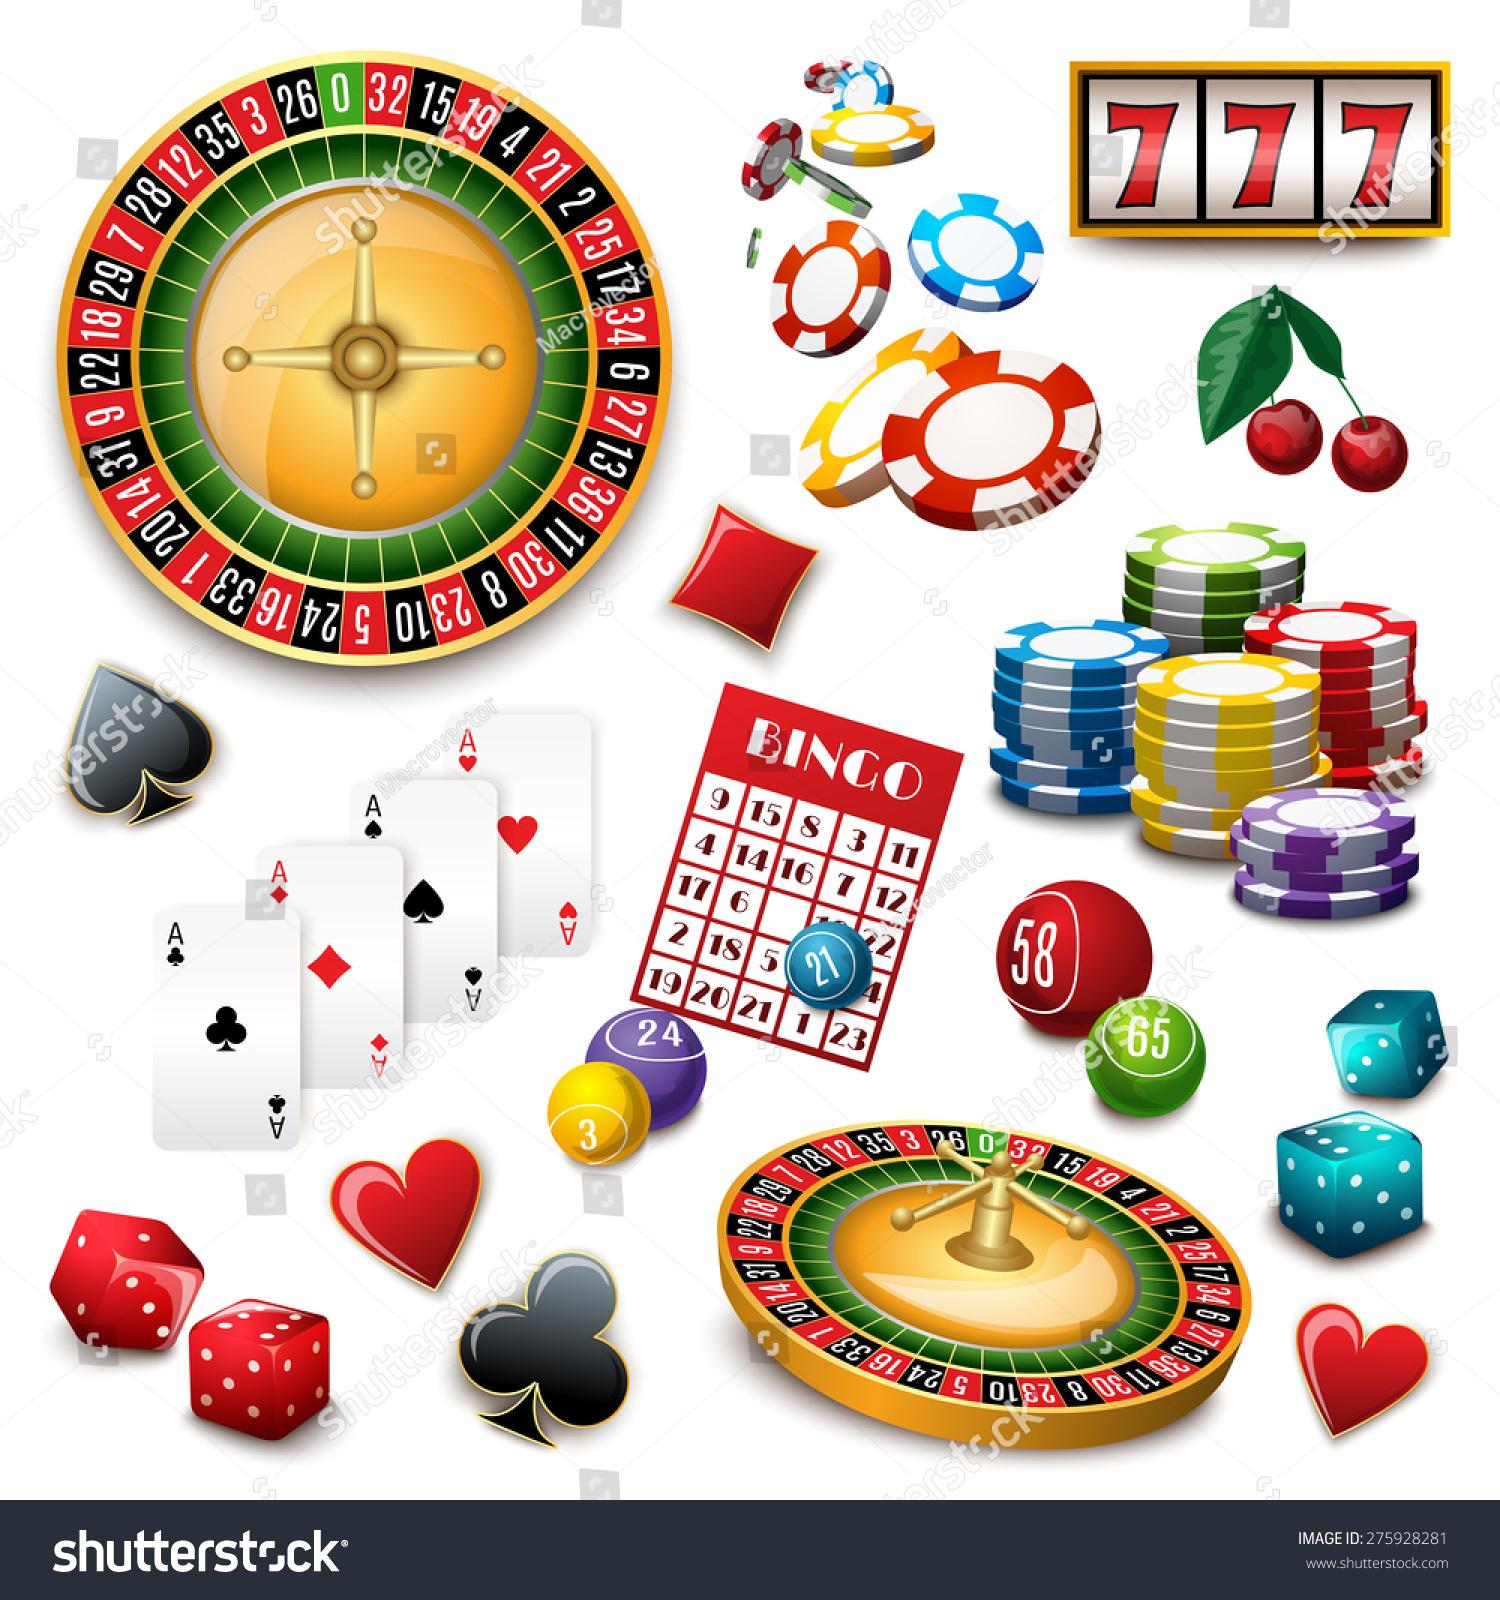 Bingo casino gambling englishharbour casino